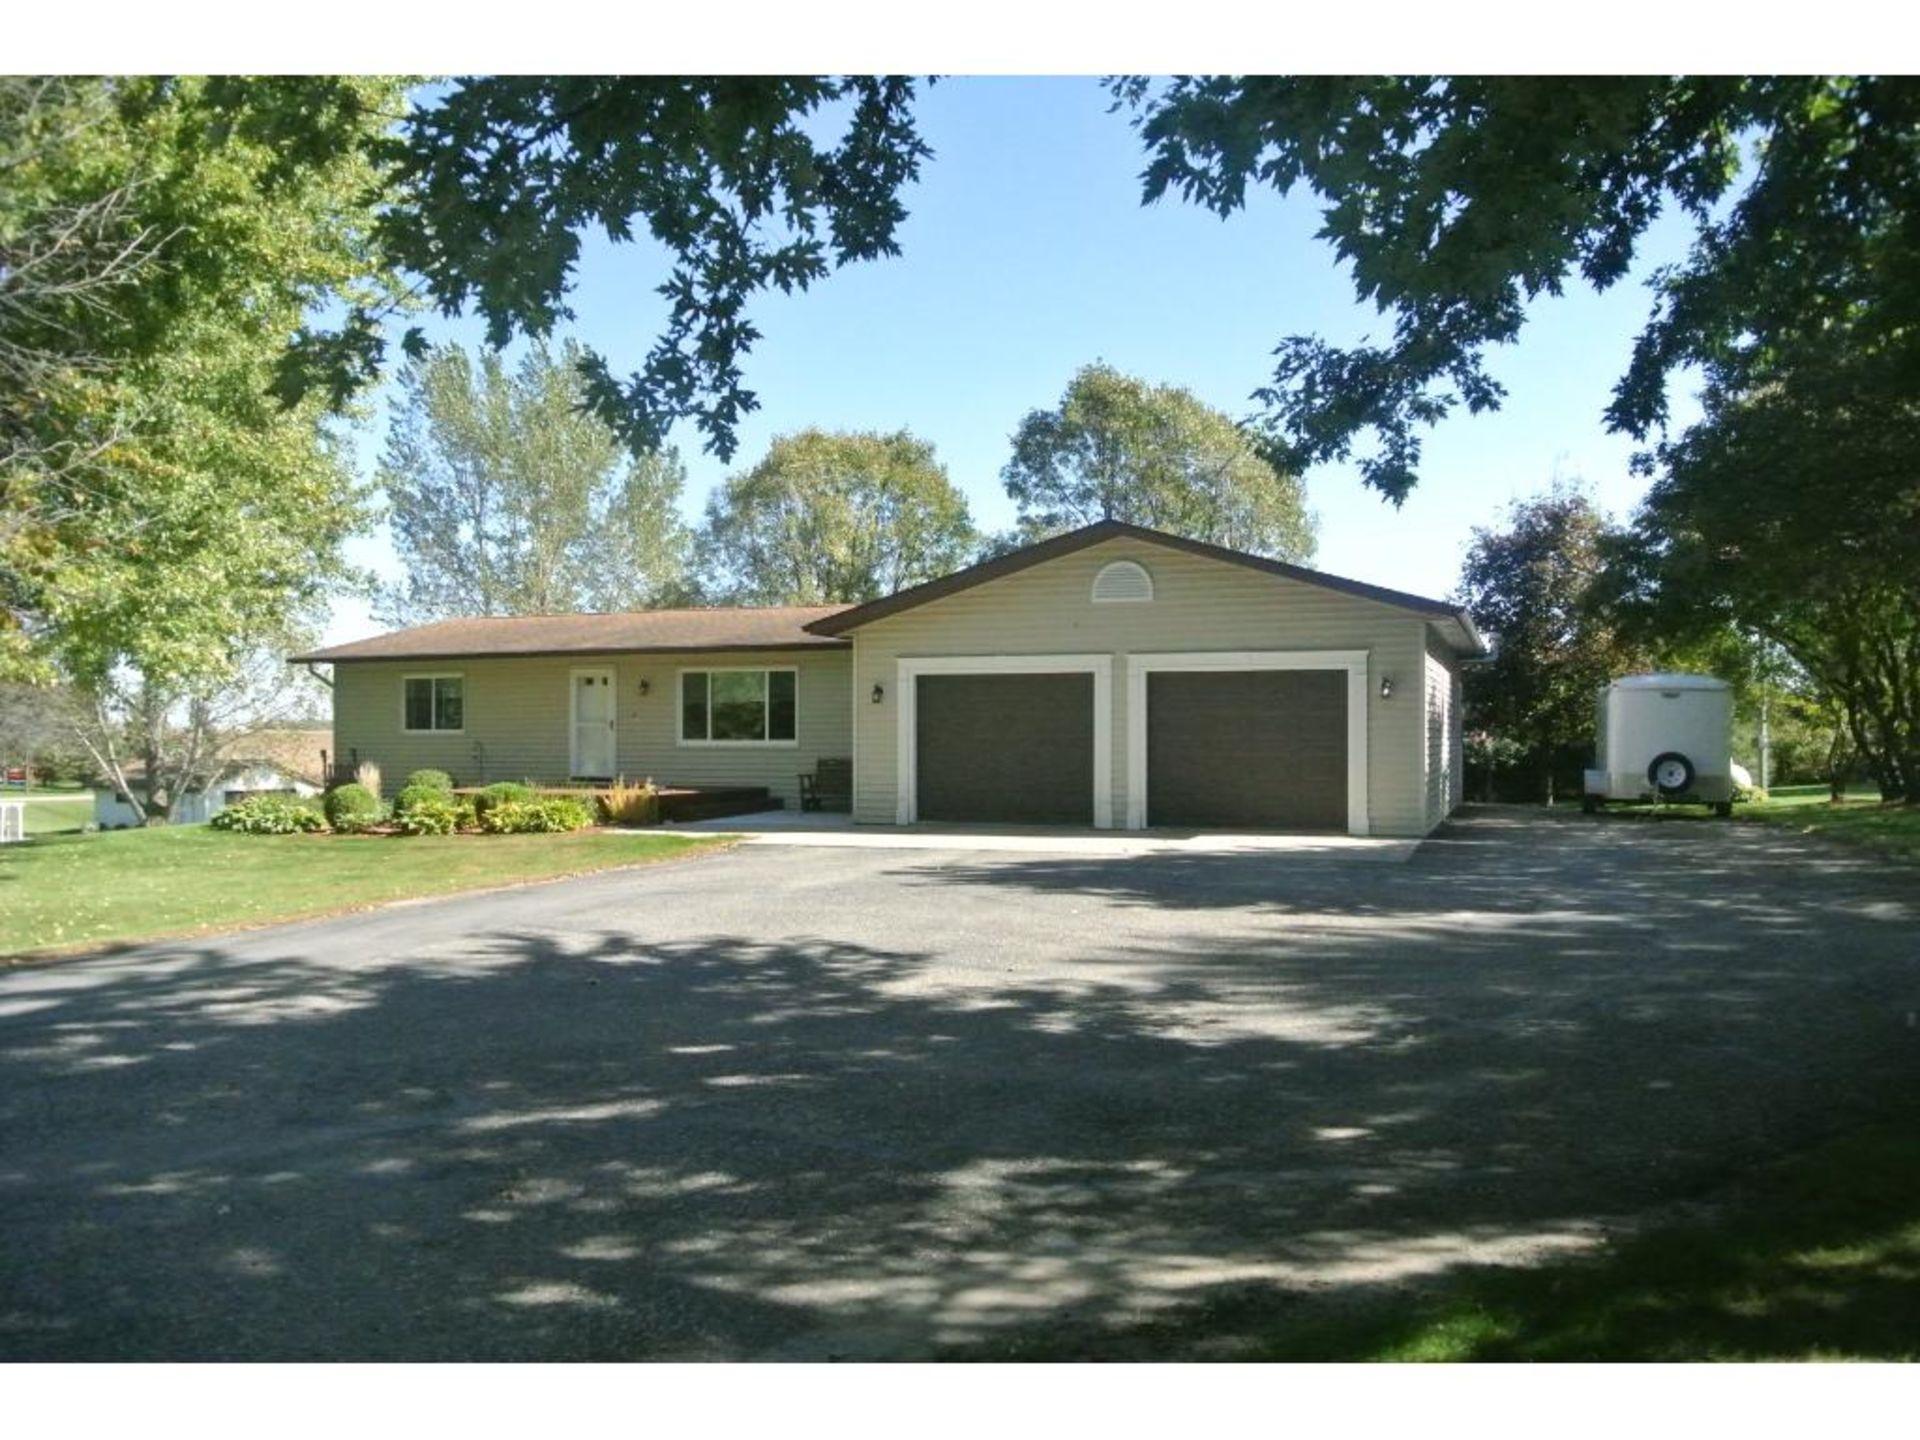 20944 Kale Drive, Silver Lake, MN